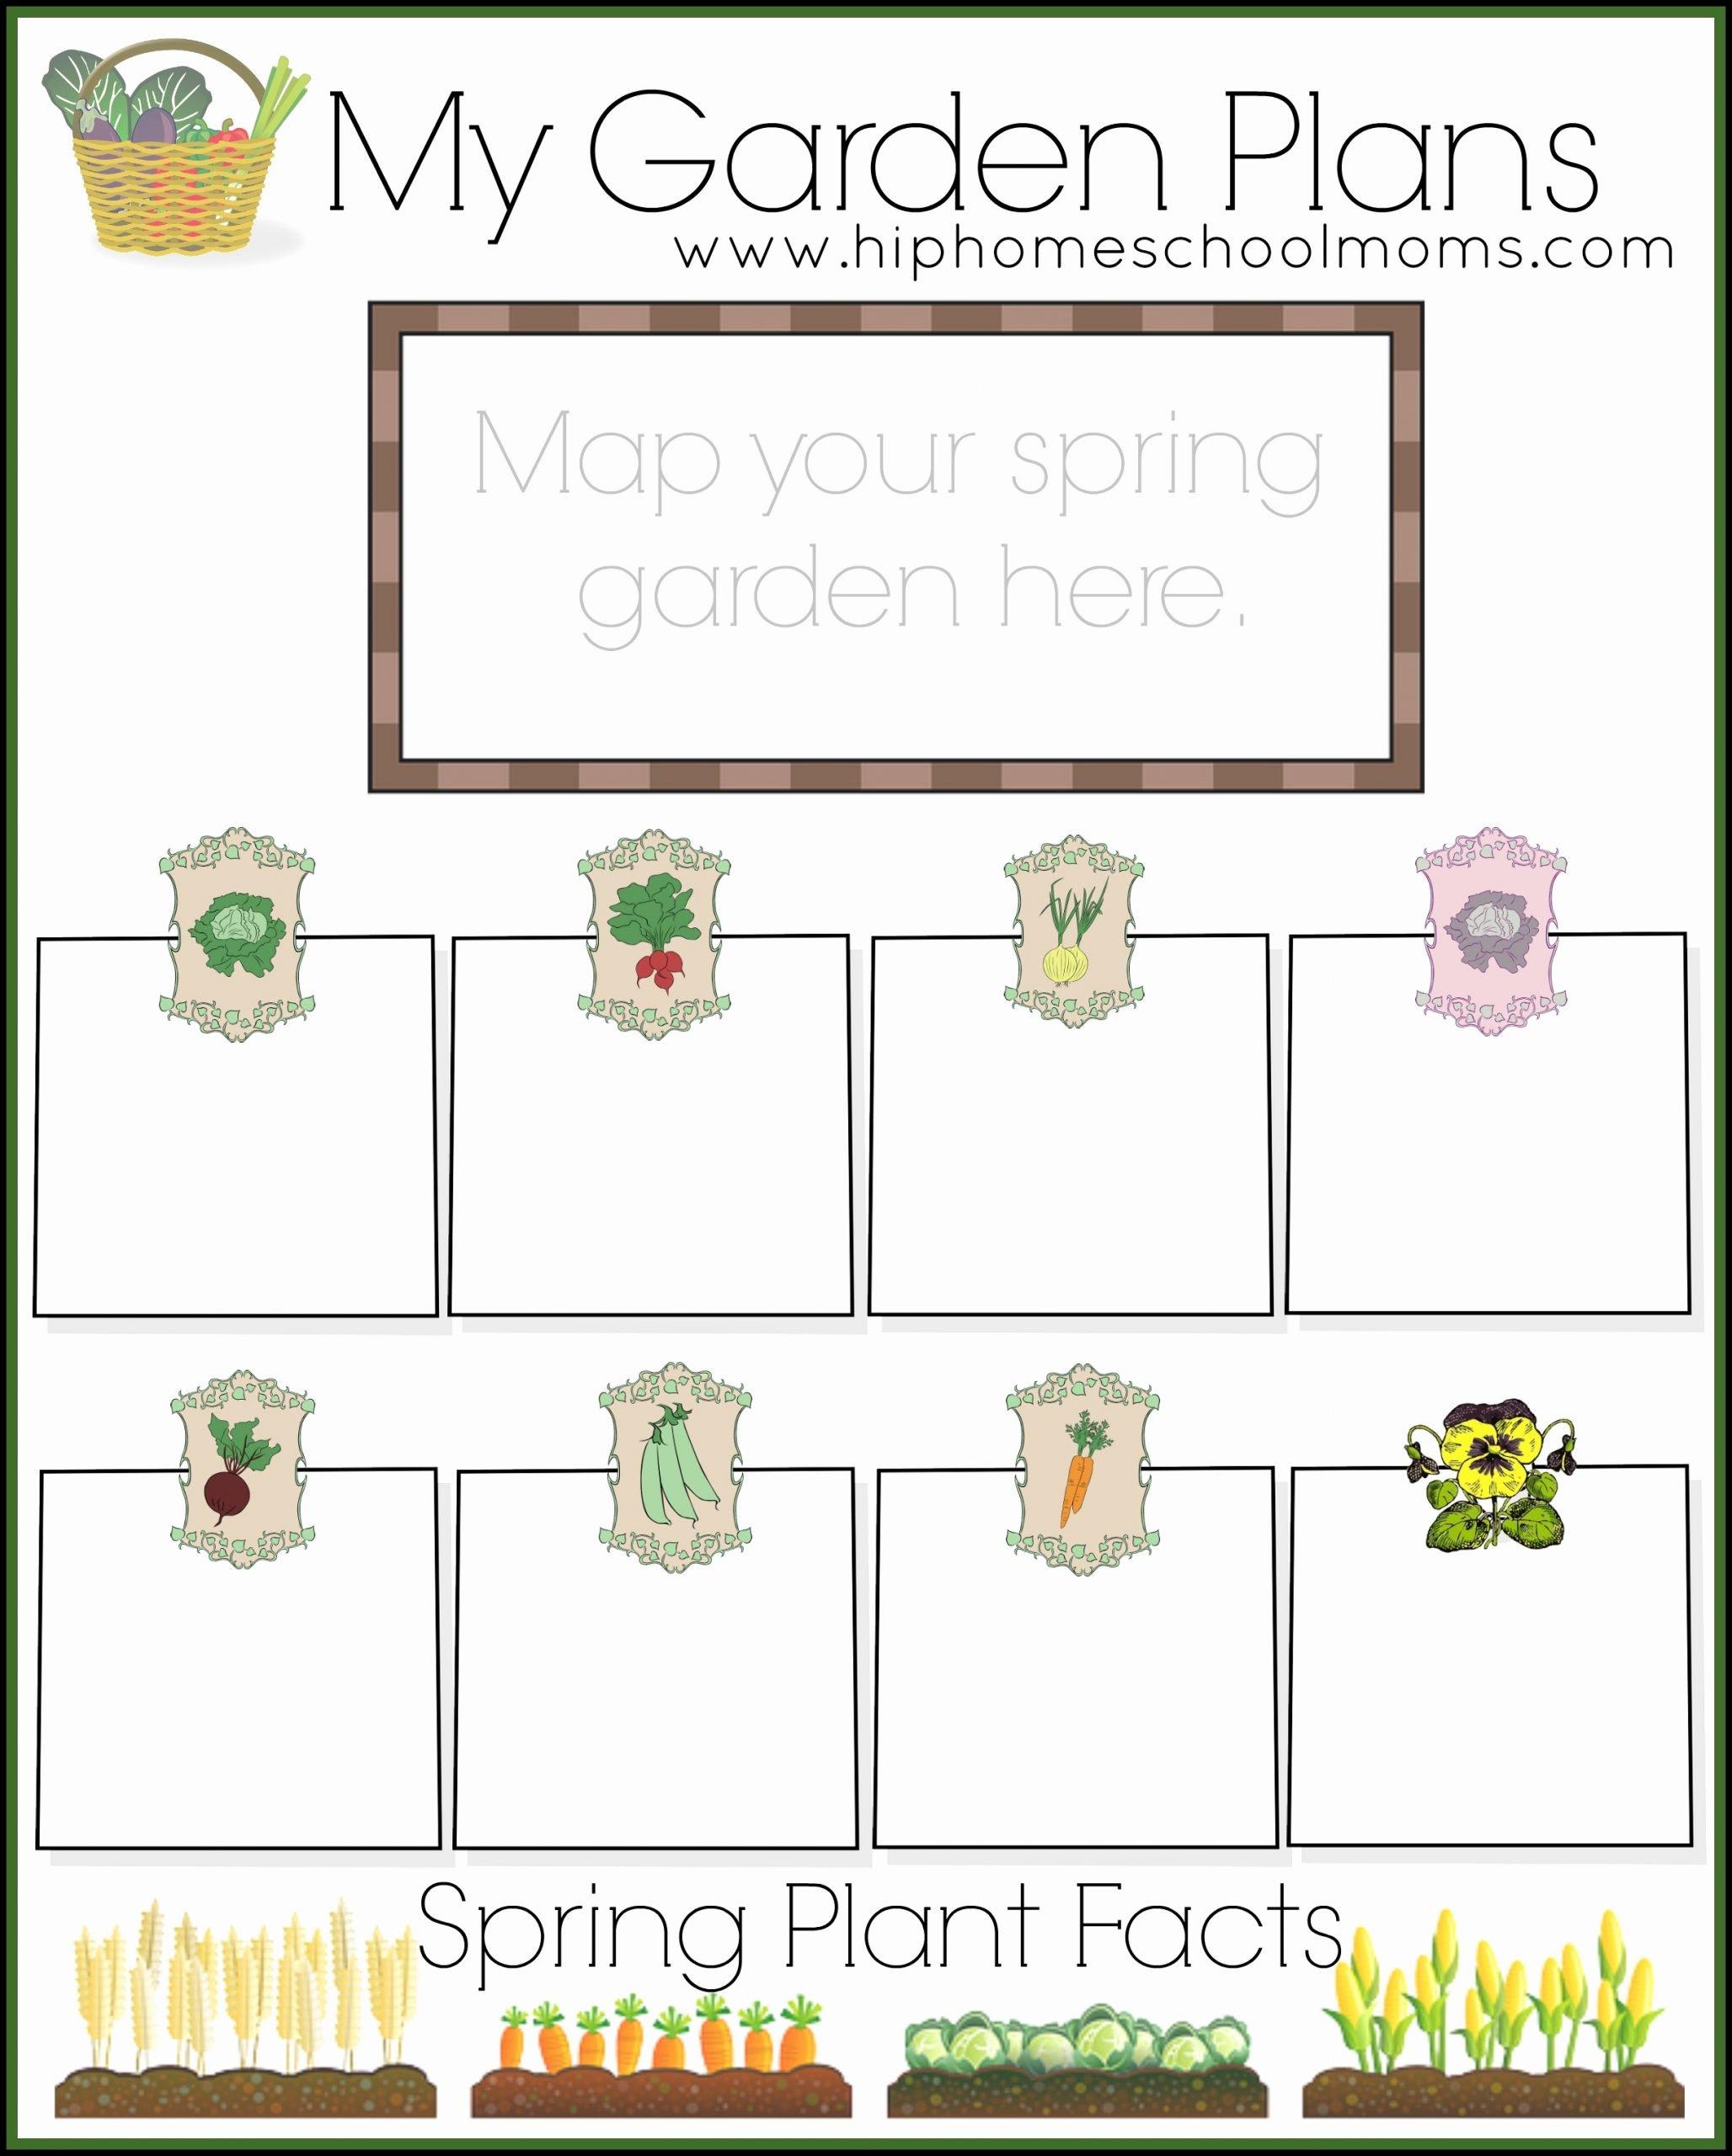 Gardening Worksheets for Preschoolers Fresh Free Garden Planner for Kids